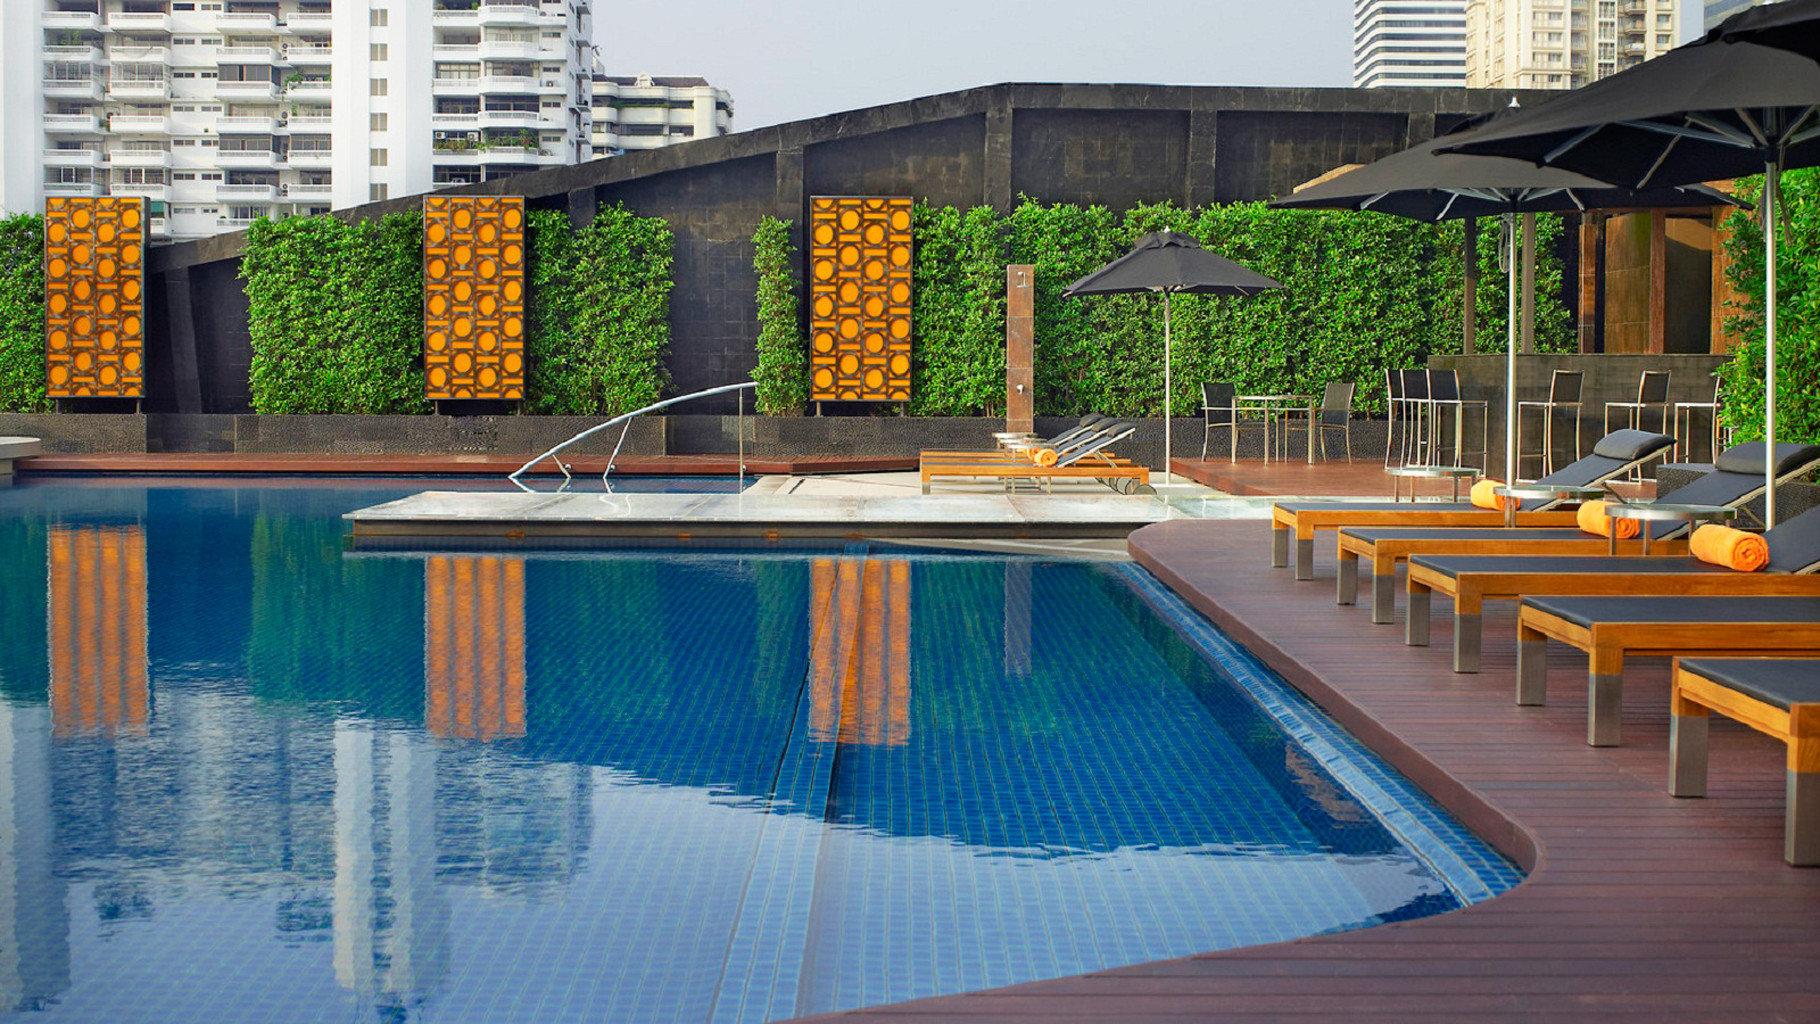 swimming pool leisure condominium Resort backyard